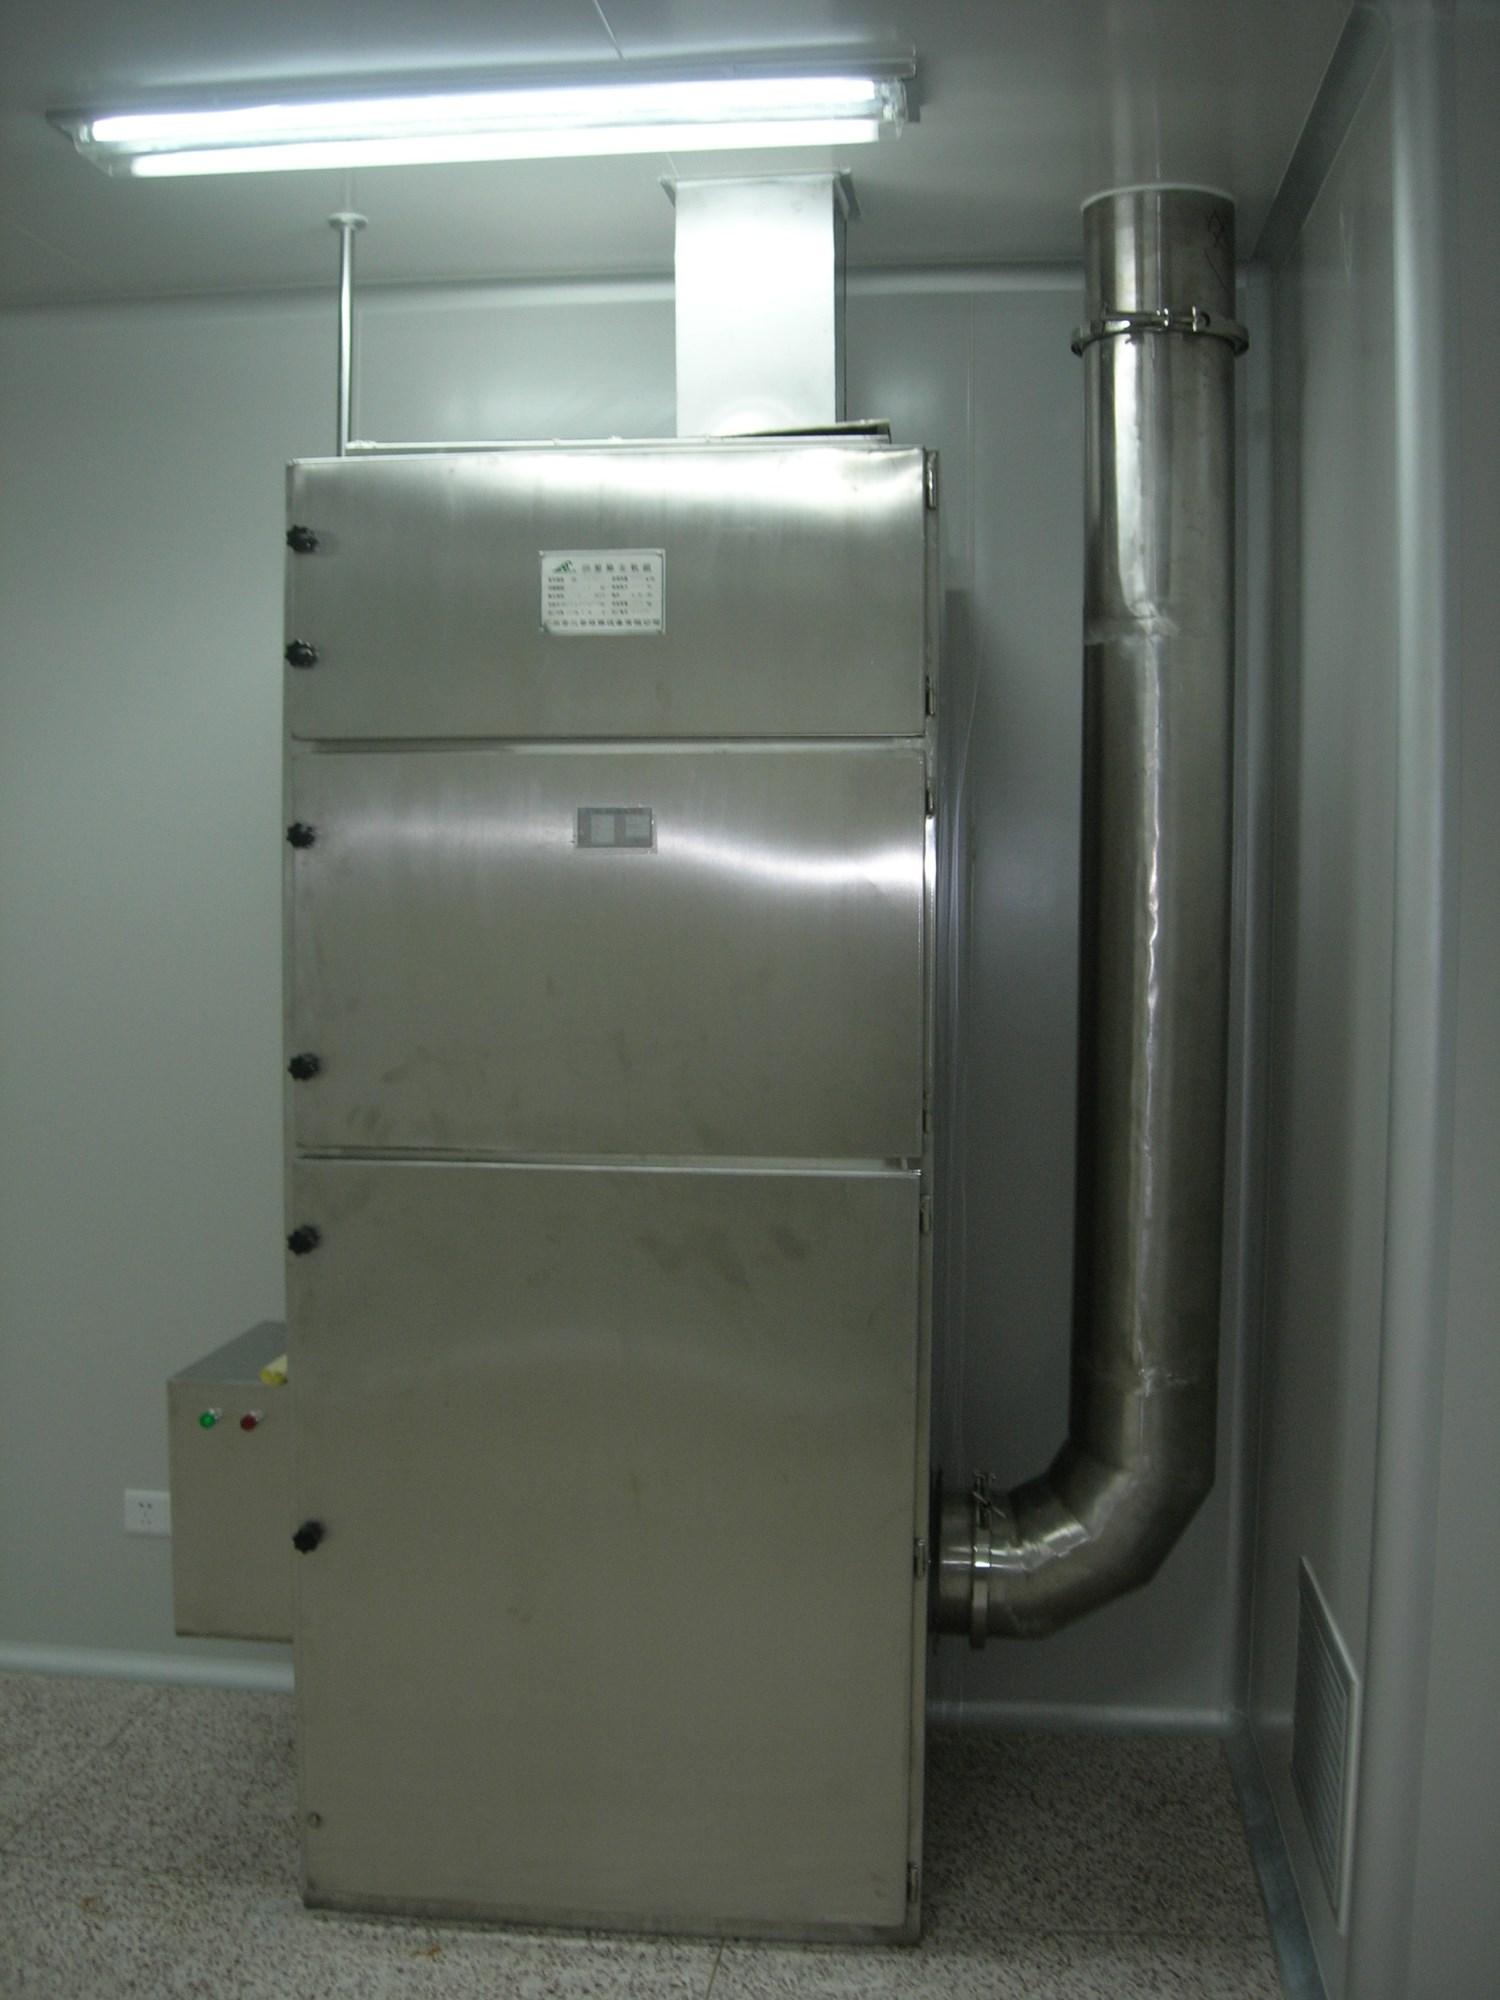 大气治理图片1